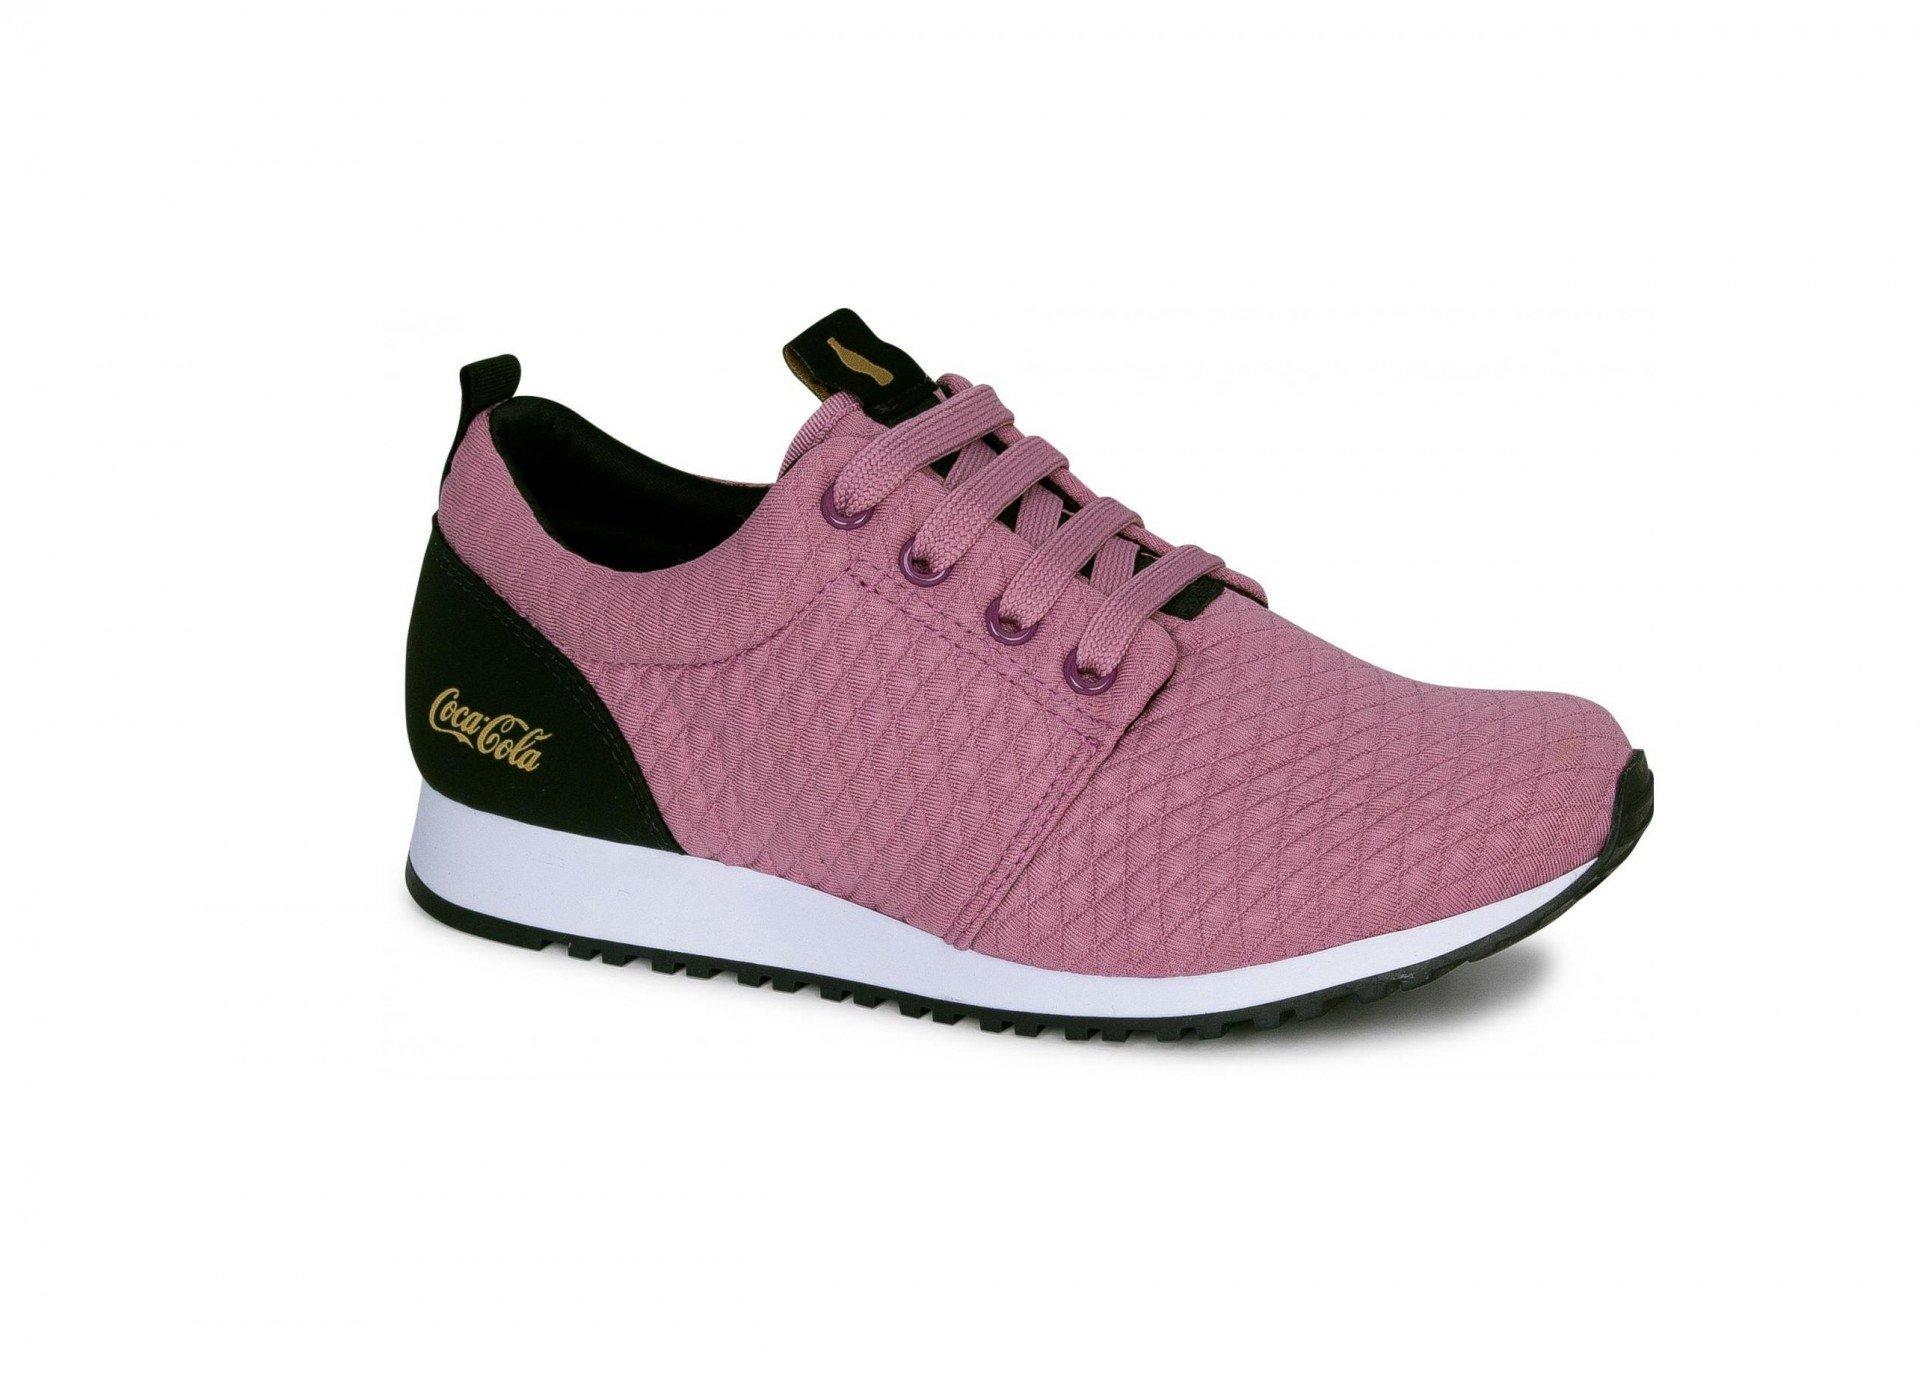 Solado em EVA é novidade em tênis da Coca-Cola Shoes - Moda - Exclusivo a0388940f3d47